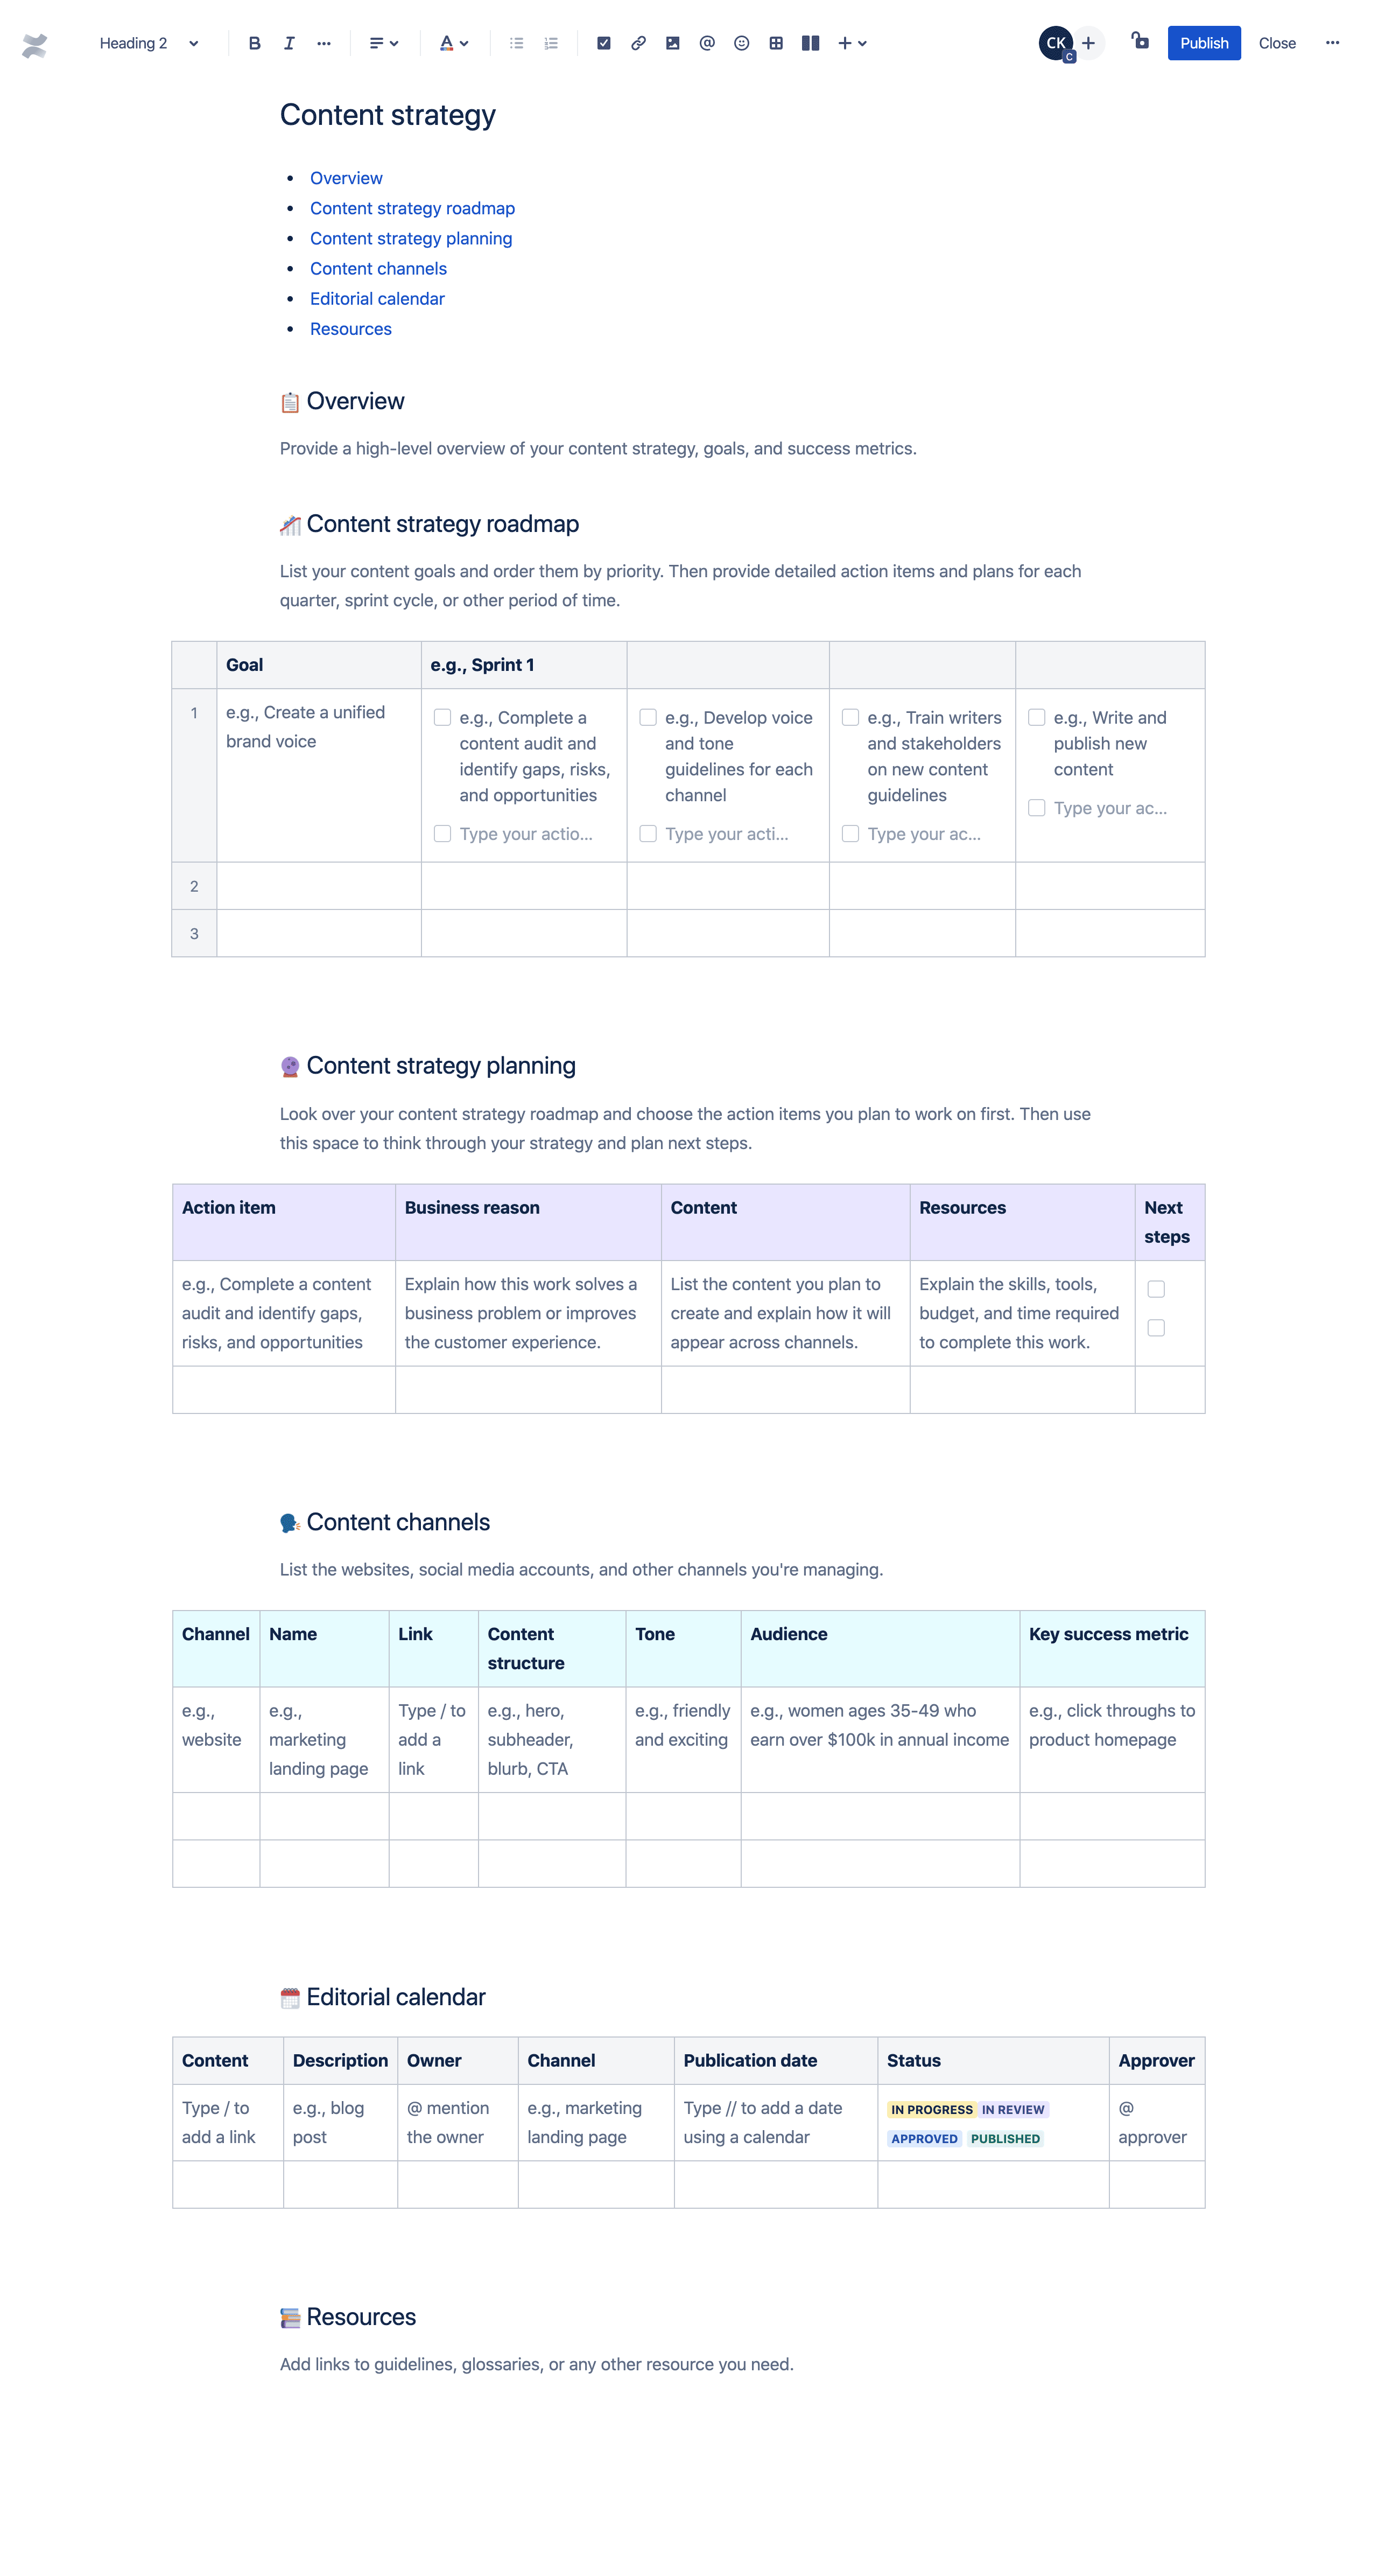 콘텐츠 전략 템플릿